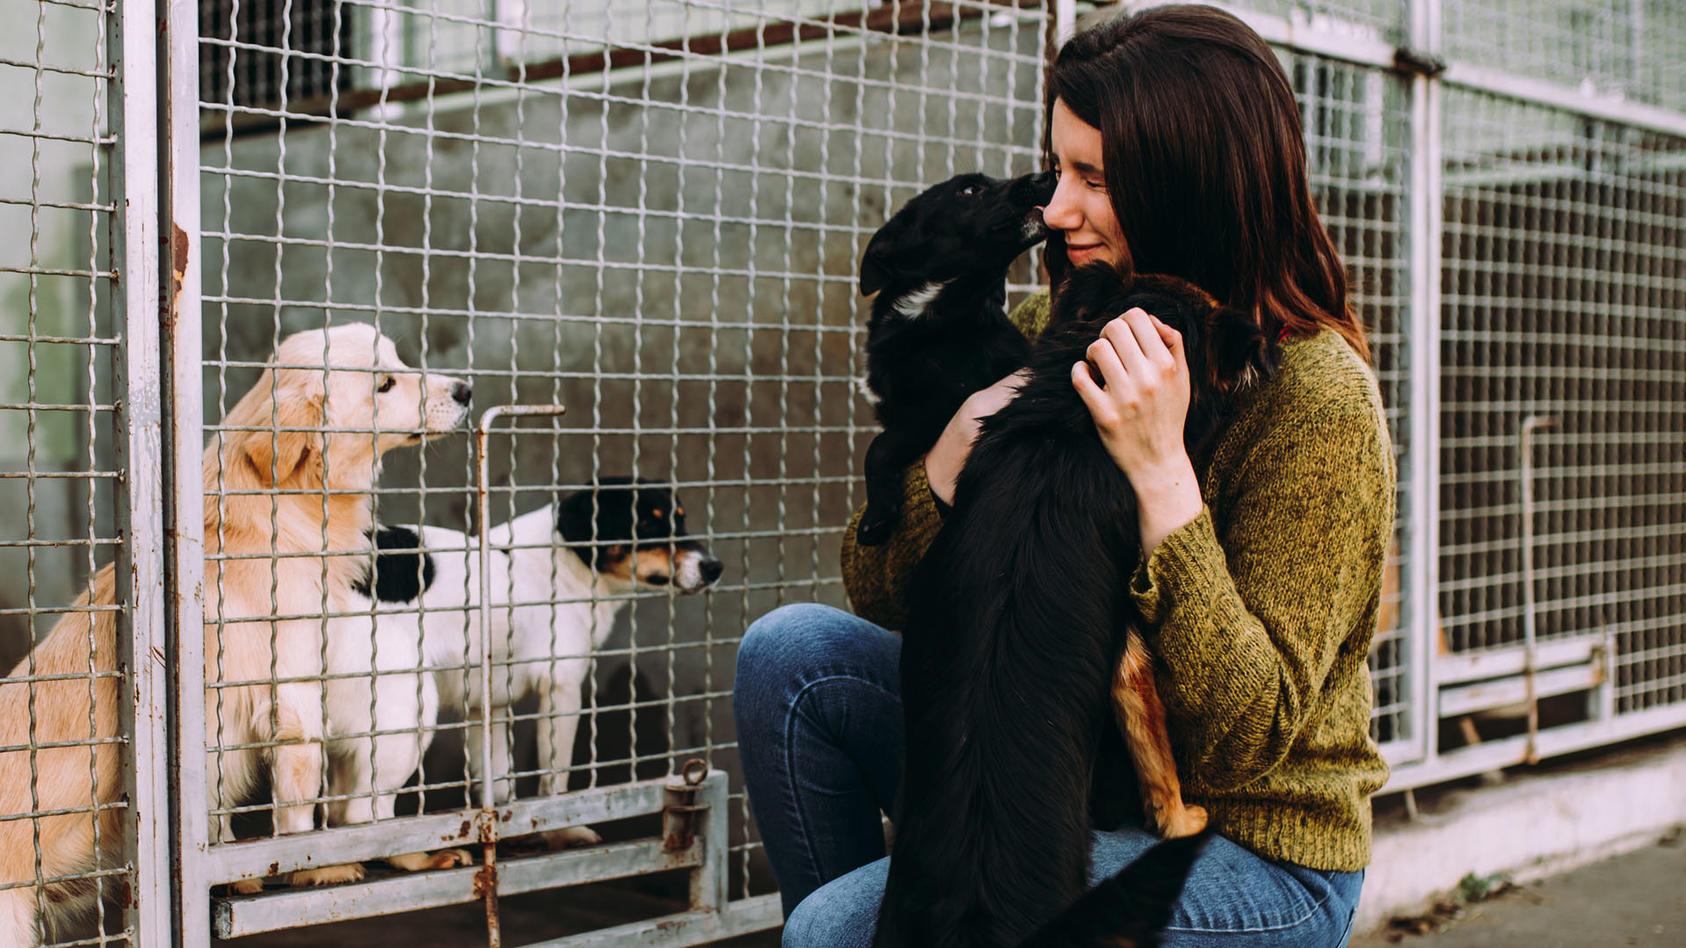 Einige Hunde verbringen mehrere Jahre im Tierheim. Für diese Hunde fordert die Berliner CDU eine dauerhafte Steuerbefreiung.